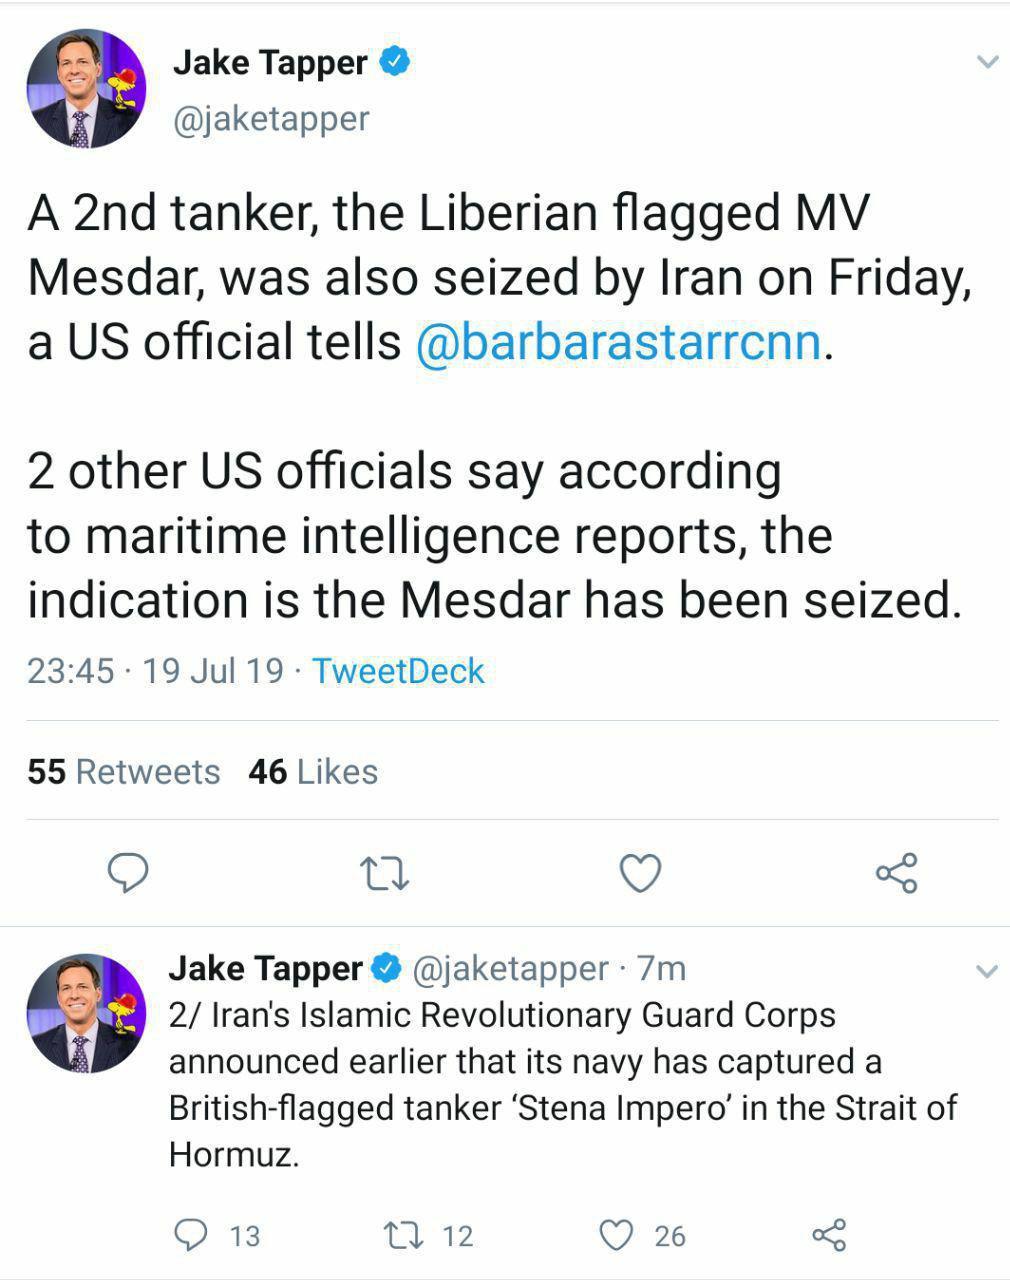 مقام های آمریکایی توقیف نفتکش دوم انگلیسی توسط ایران را تایید کردند